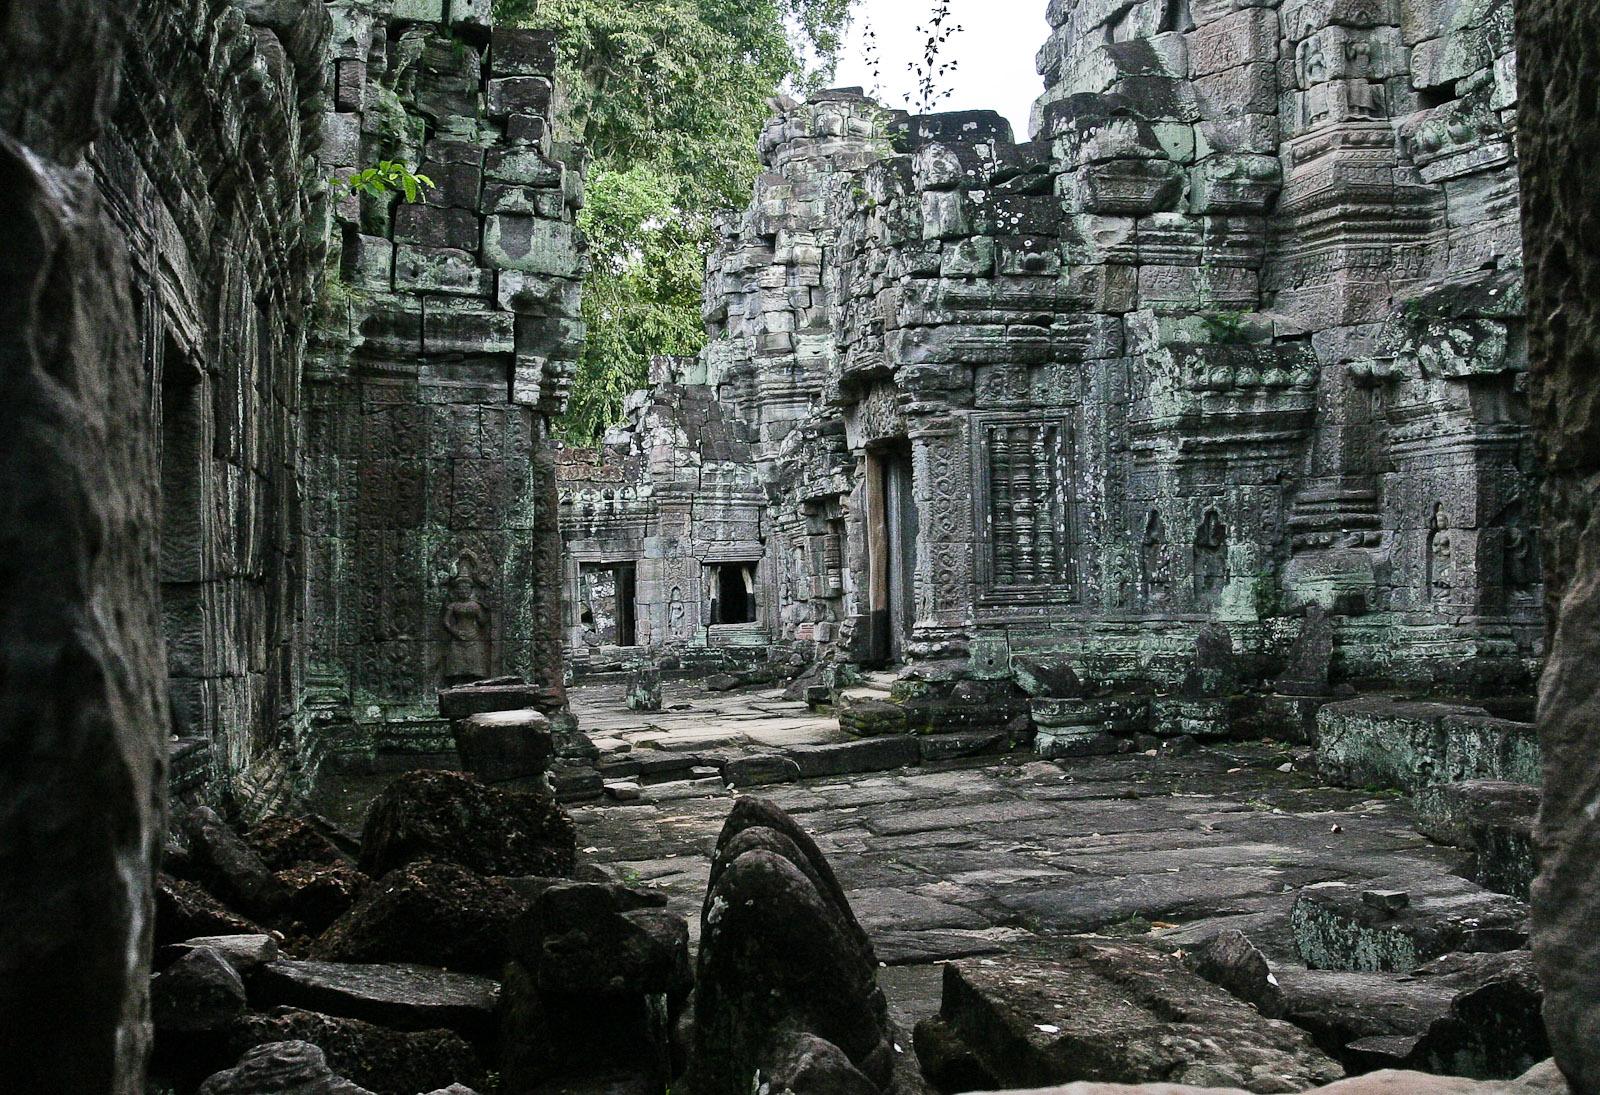 Preah Khan là đền nhớ ơn Cha. Preah theo tiếng Khmer nghĩa là Phật, Khan là một kiếm ấn chống giặc ngoại xâm, được vua Jayavarman VII xây vào năm 1191. Đây là một trong những ngôi đền còn giữ được đúng tên ban đầu.